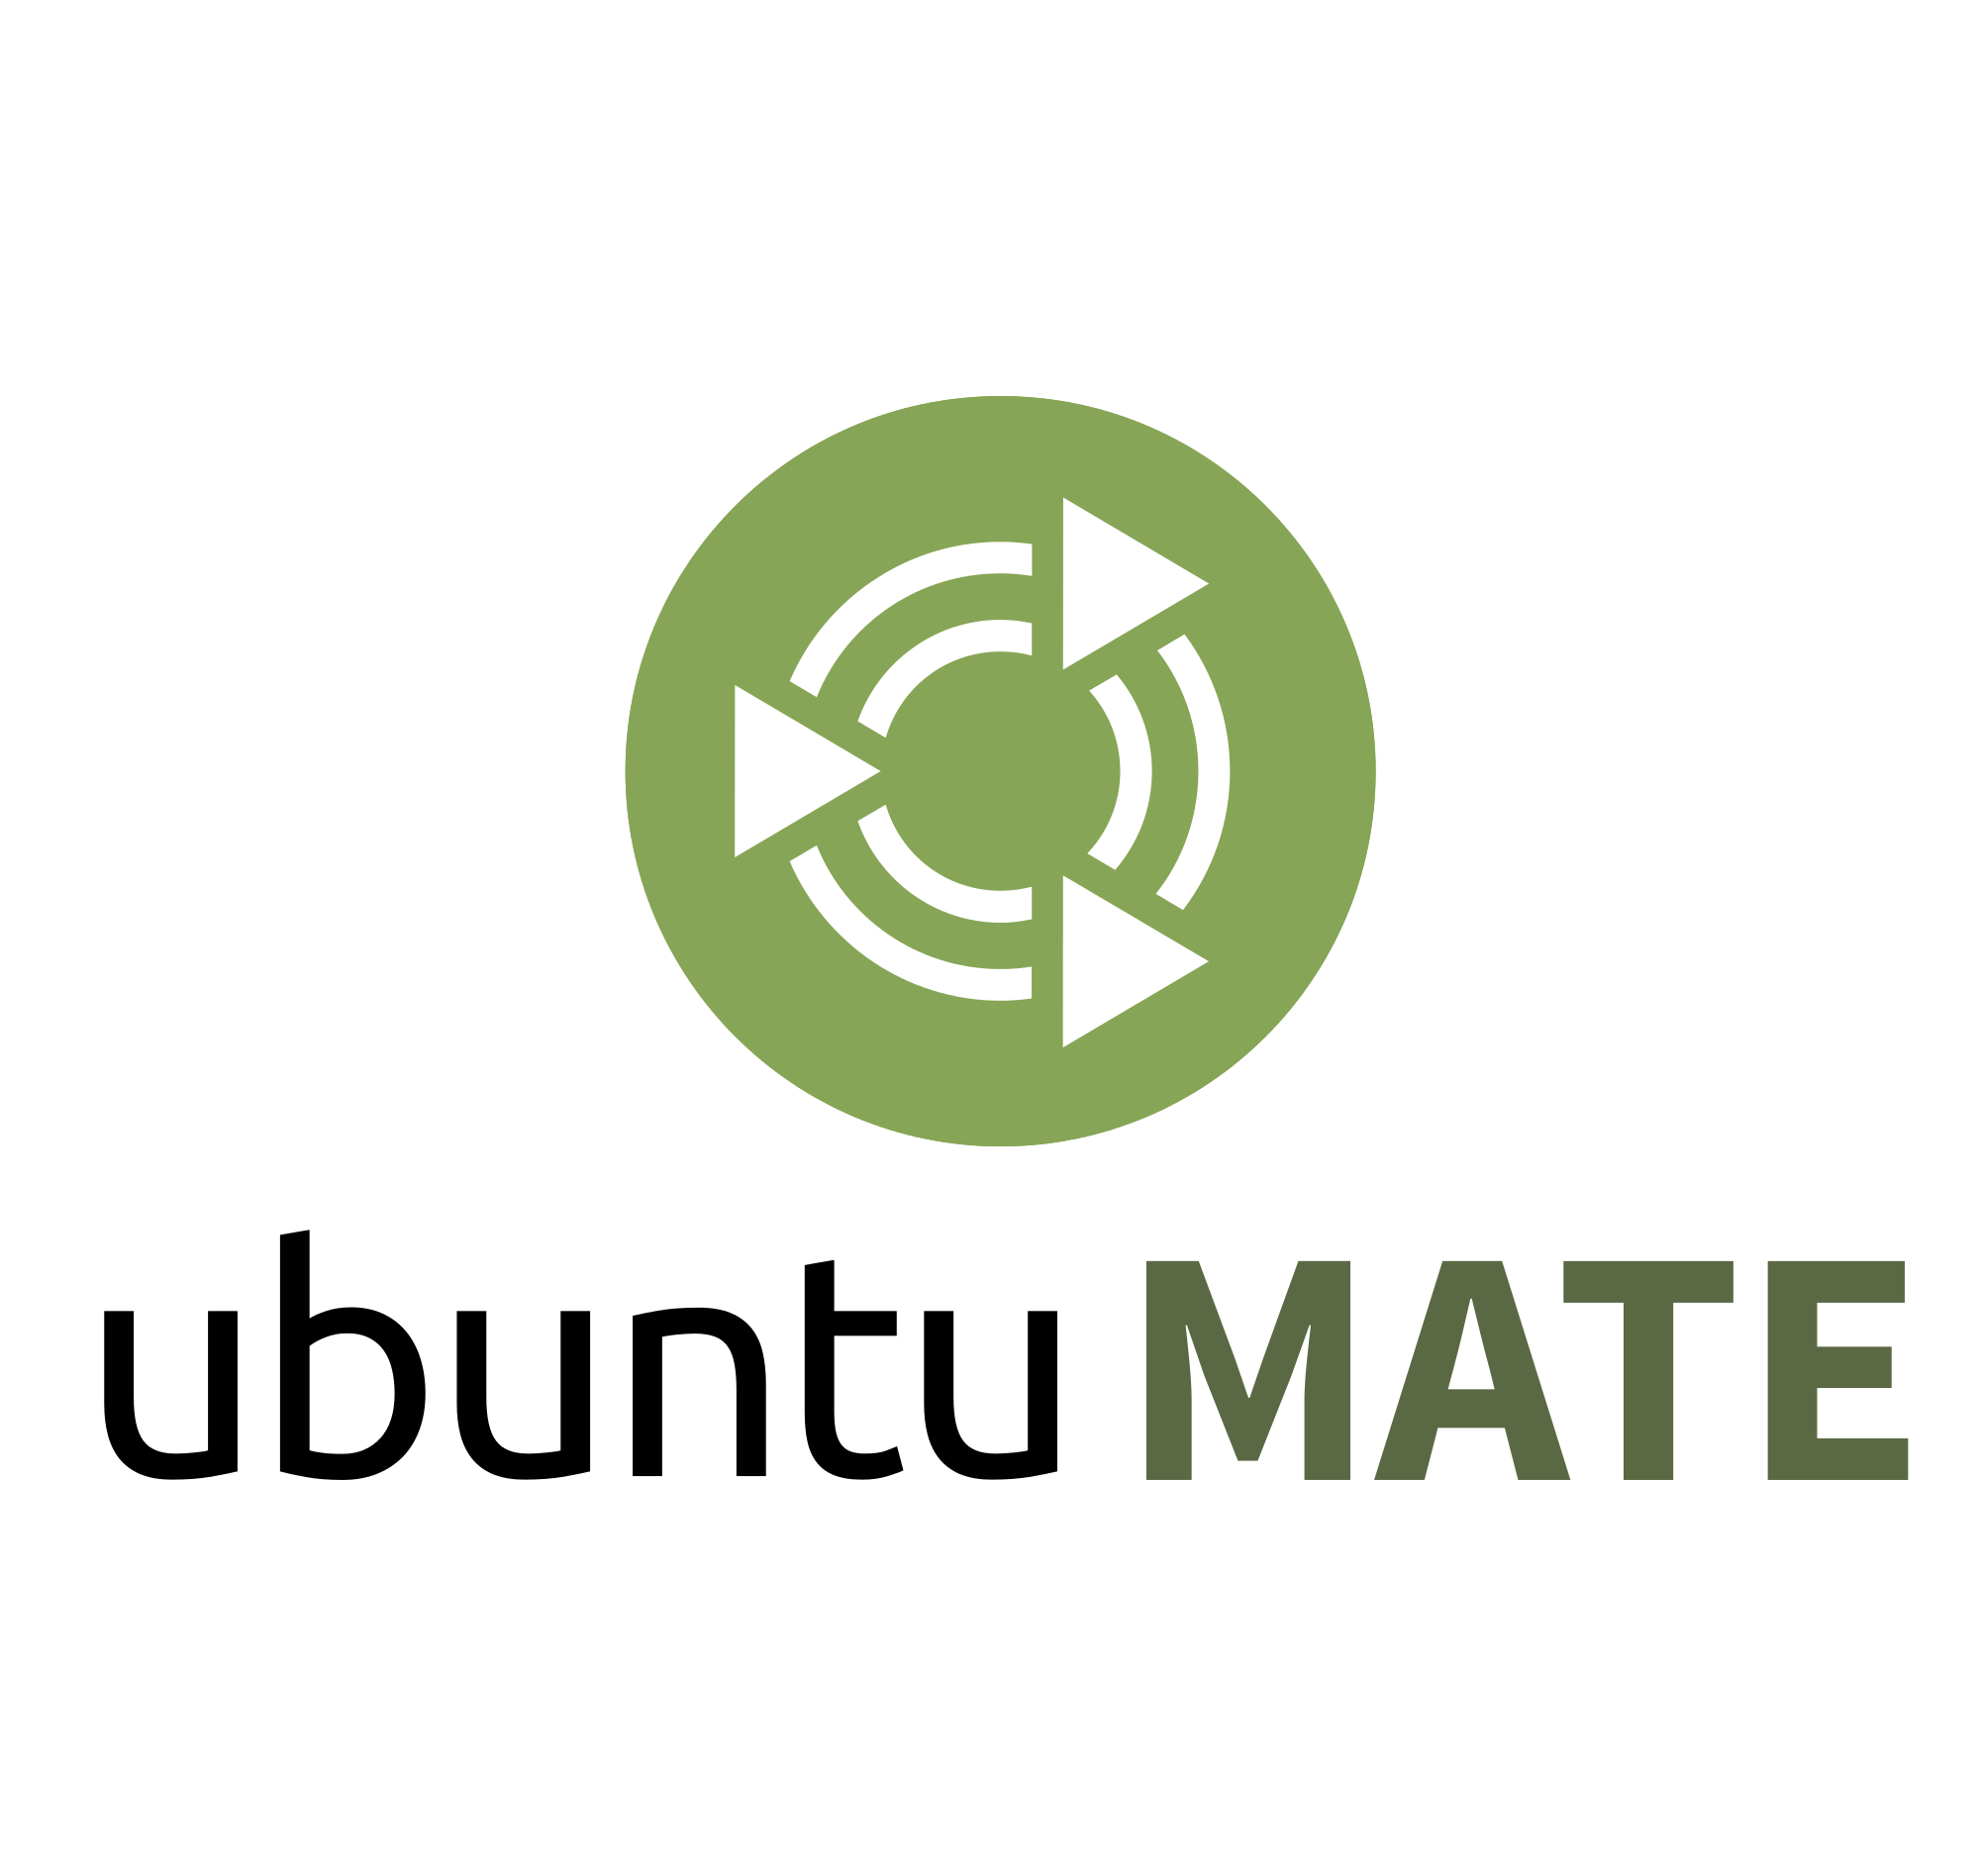 Ubuntu-MATE-logo